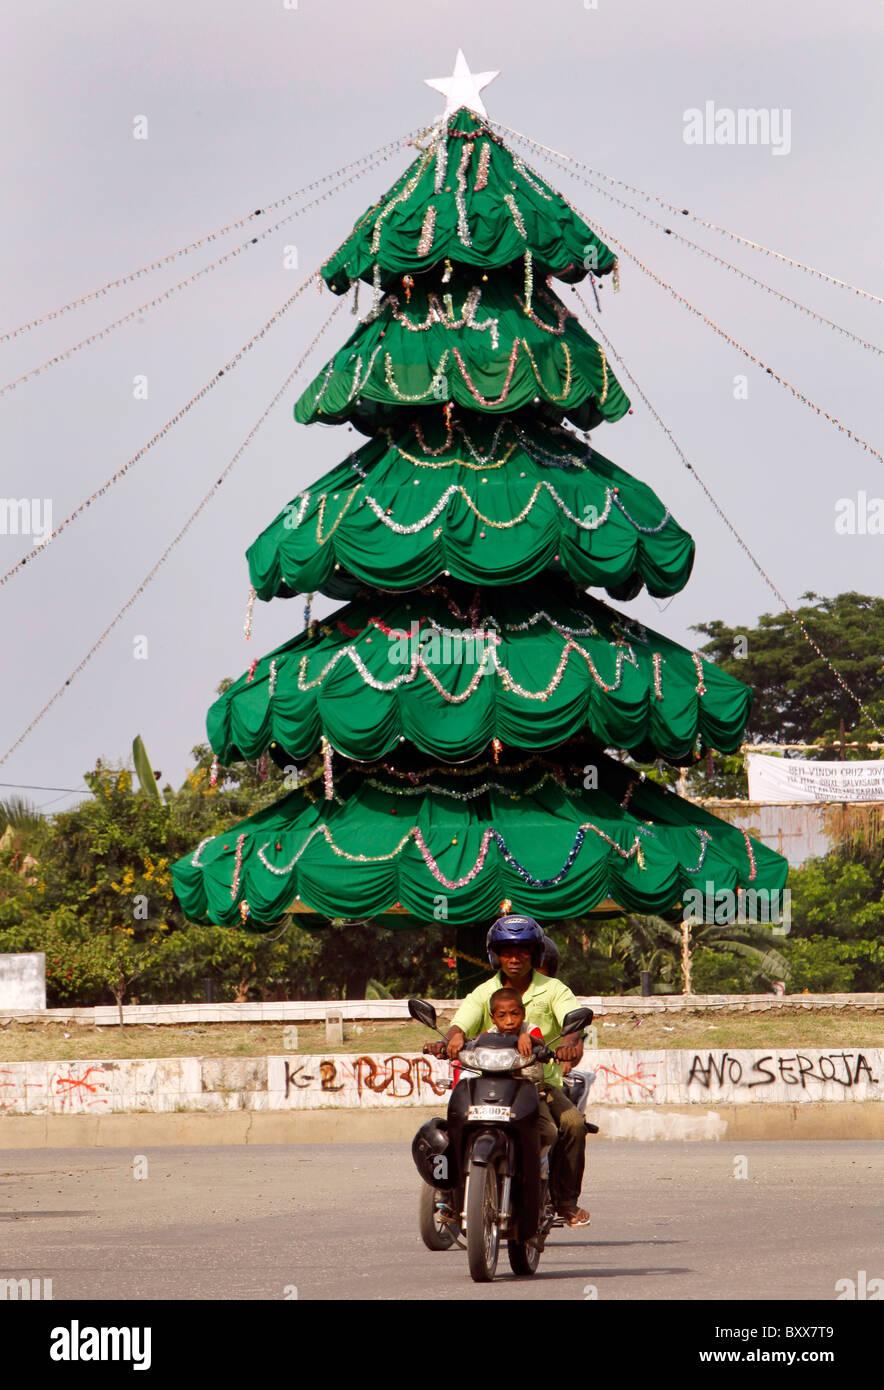 Arbre de Noël dans les rues de Dili, capitale du Timor Leste (Timor oriental) Banque D'Images